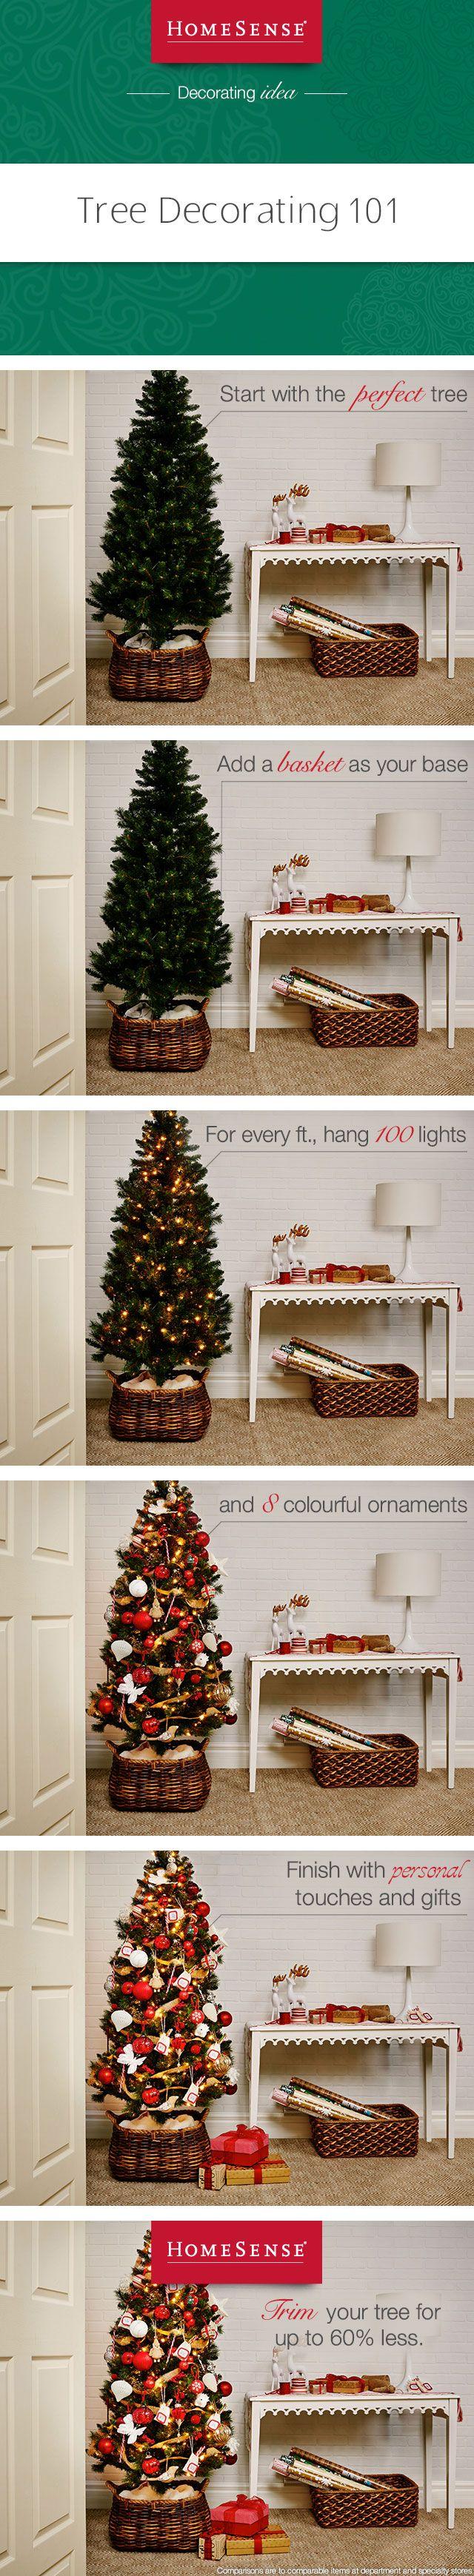 Step 1: Re-pin this image using #HomeSenseStyle tag. Step 2: Enter contest here http://www.homesense.ca/en/pinterest-contest.asp  /   Étape 1 : Épinglez cet article. Étape 2 : Participez au concours ici : http://www.homesense.ca/fr/pinterest-contest.asp. #Treedecorating101